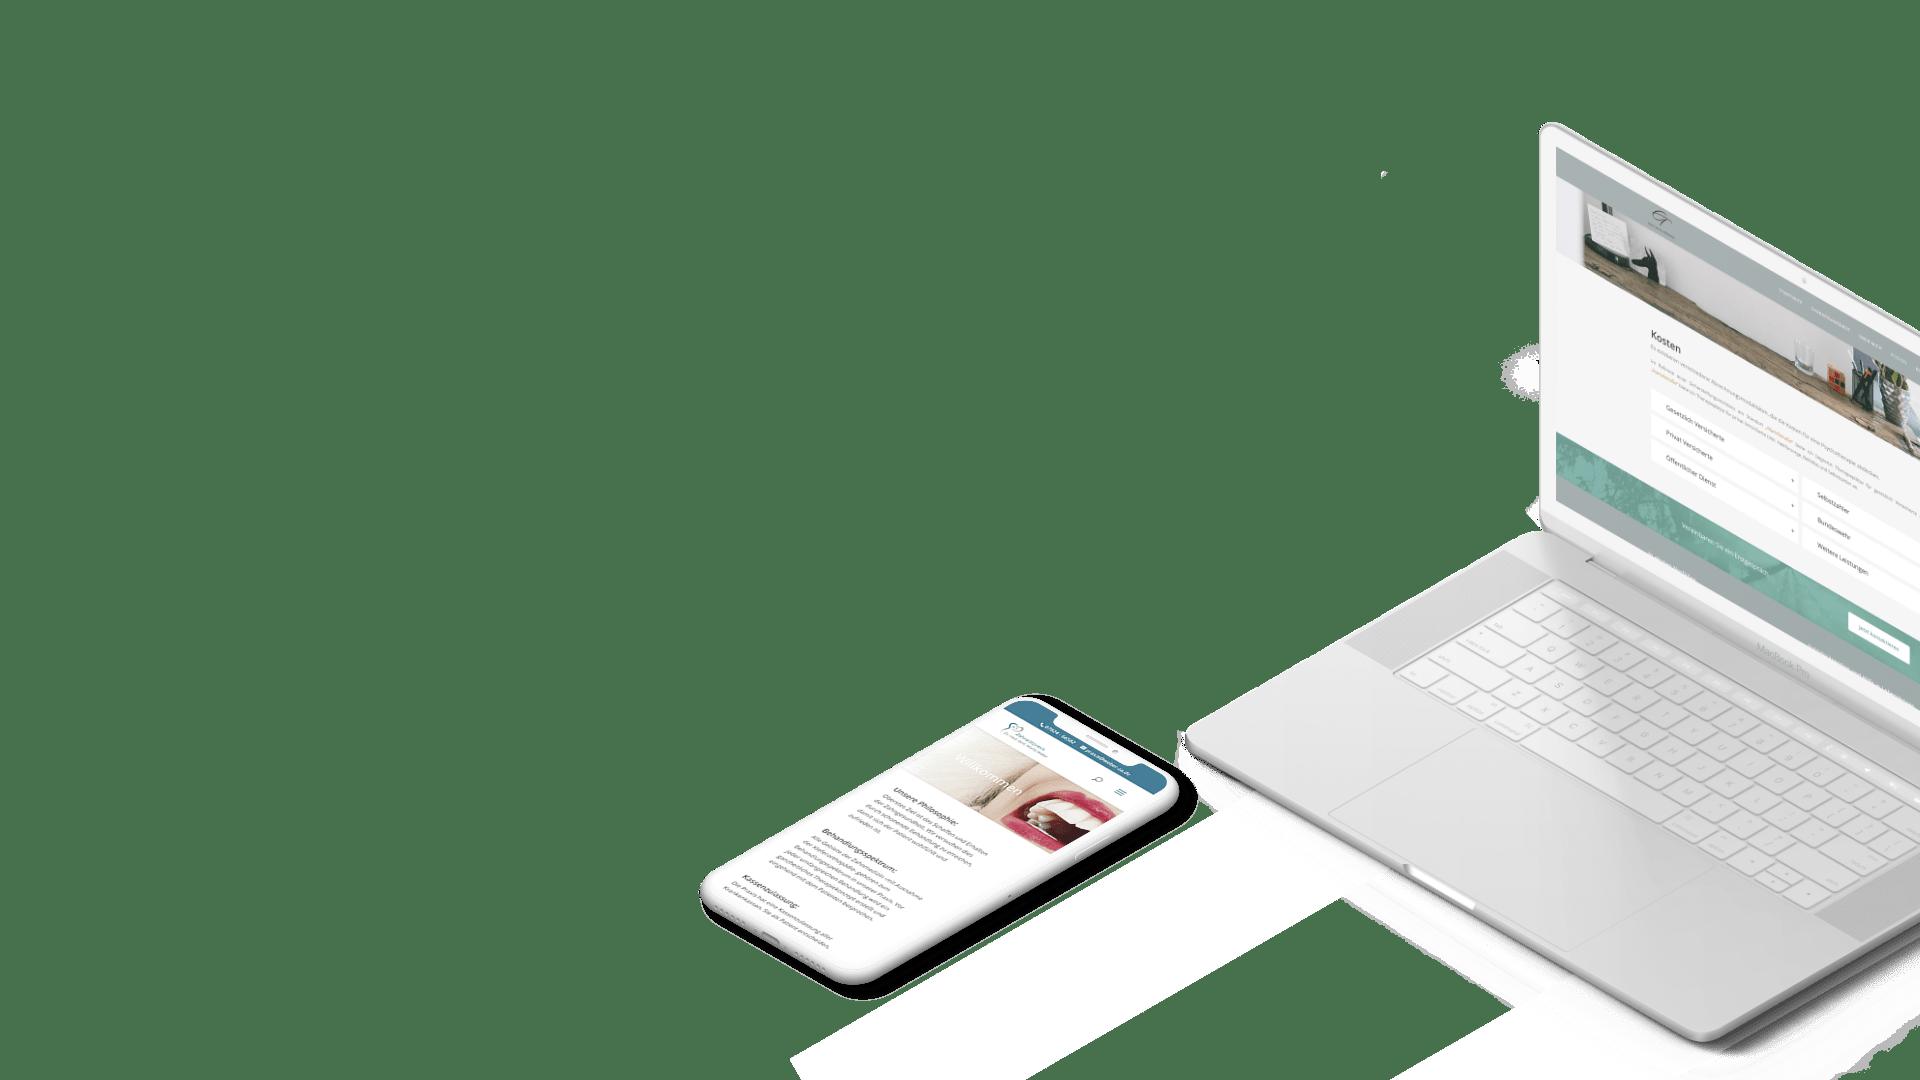 medfit Webdesign - Full-Service-Webagentur aus München für Webdesign, Suchmaschinenoptimierung (SEO) und Online Marketing - Hero Image